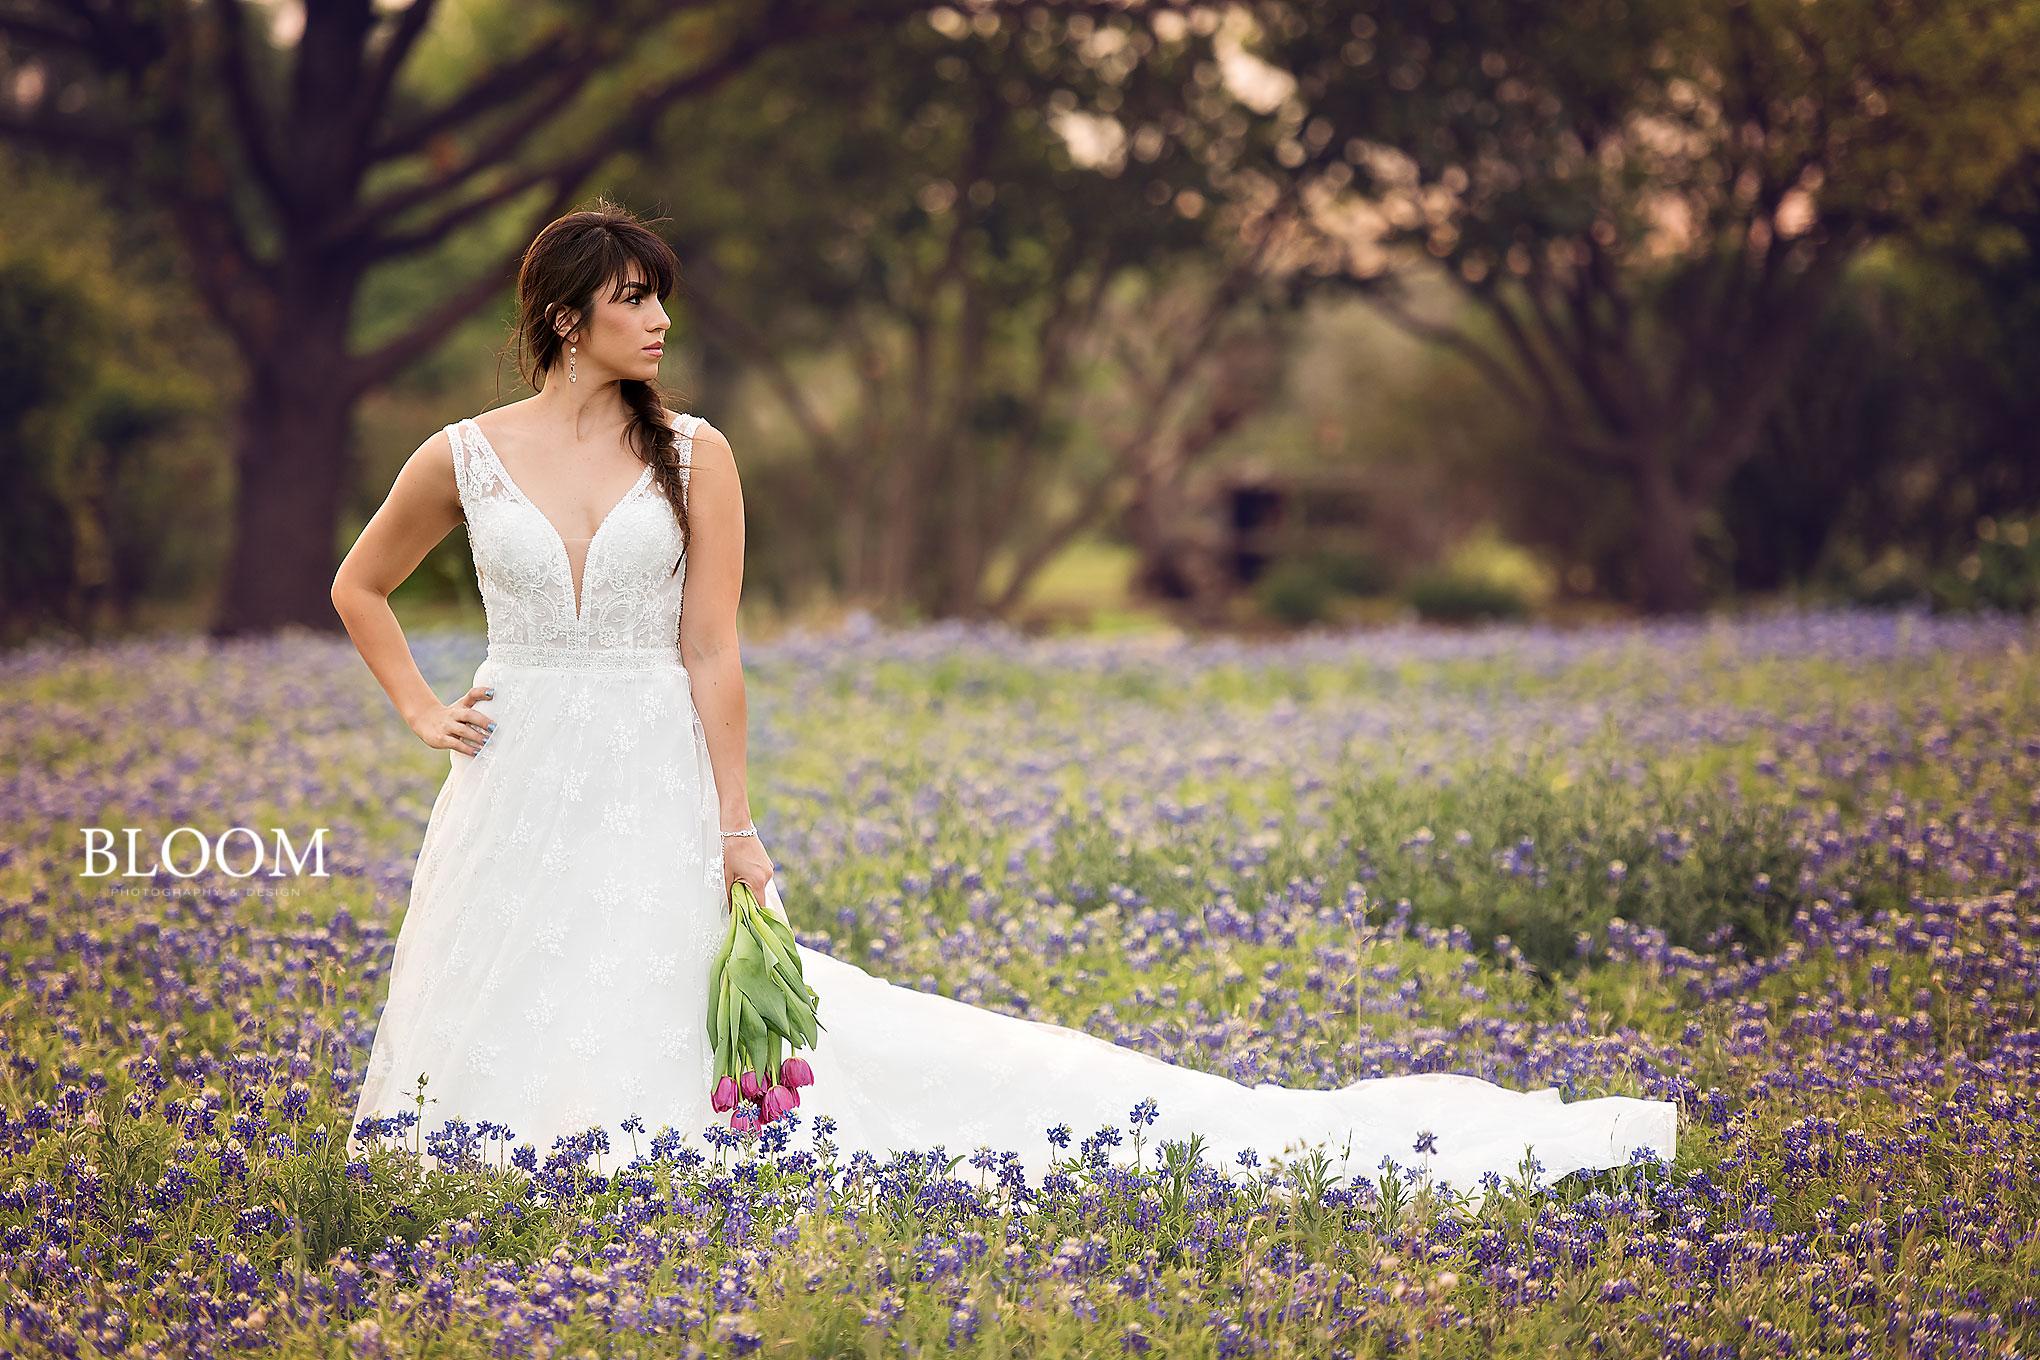 bluebonnet_san_antonio_photographer_texas_bloom_roszell_032817_3696.jpg